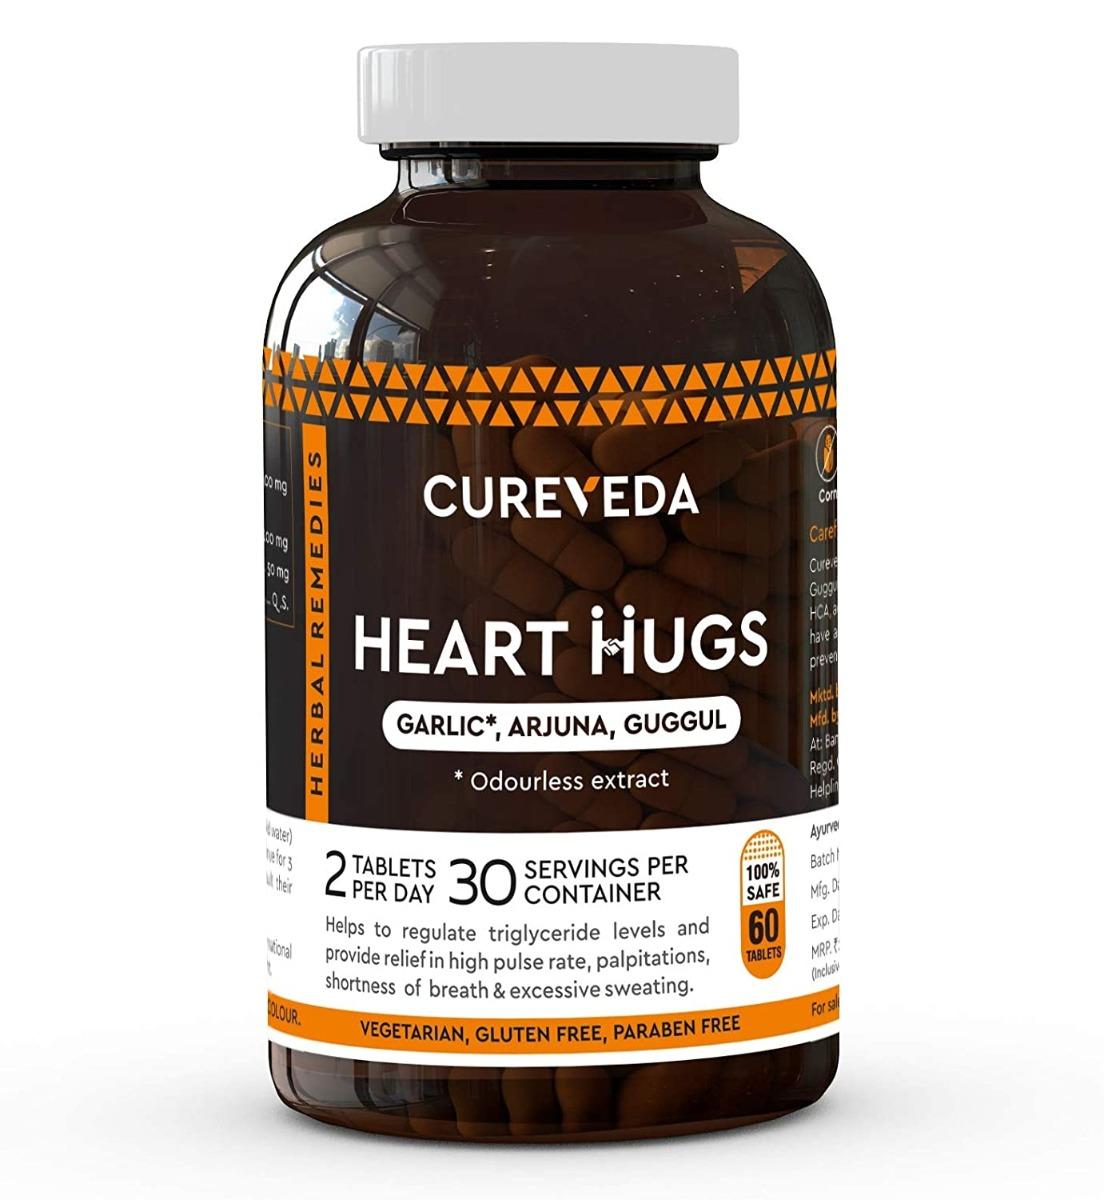 https://curevedaprod.imgix.net/h/e/heart_hugs.jpg